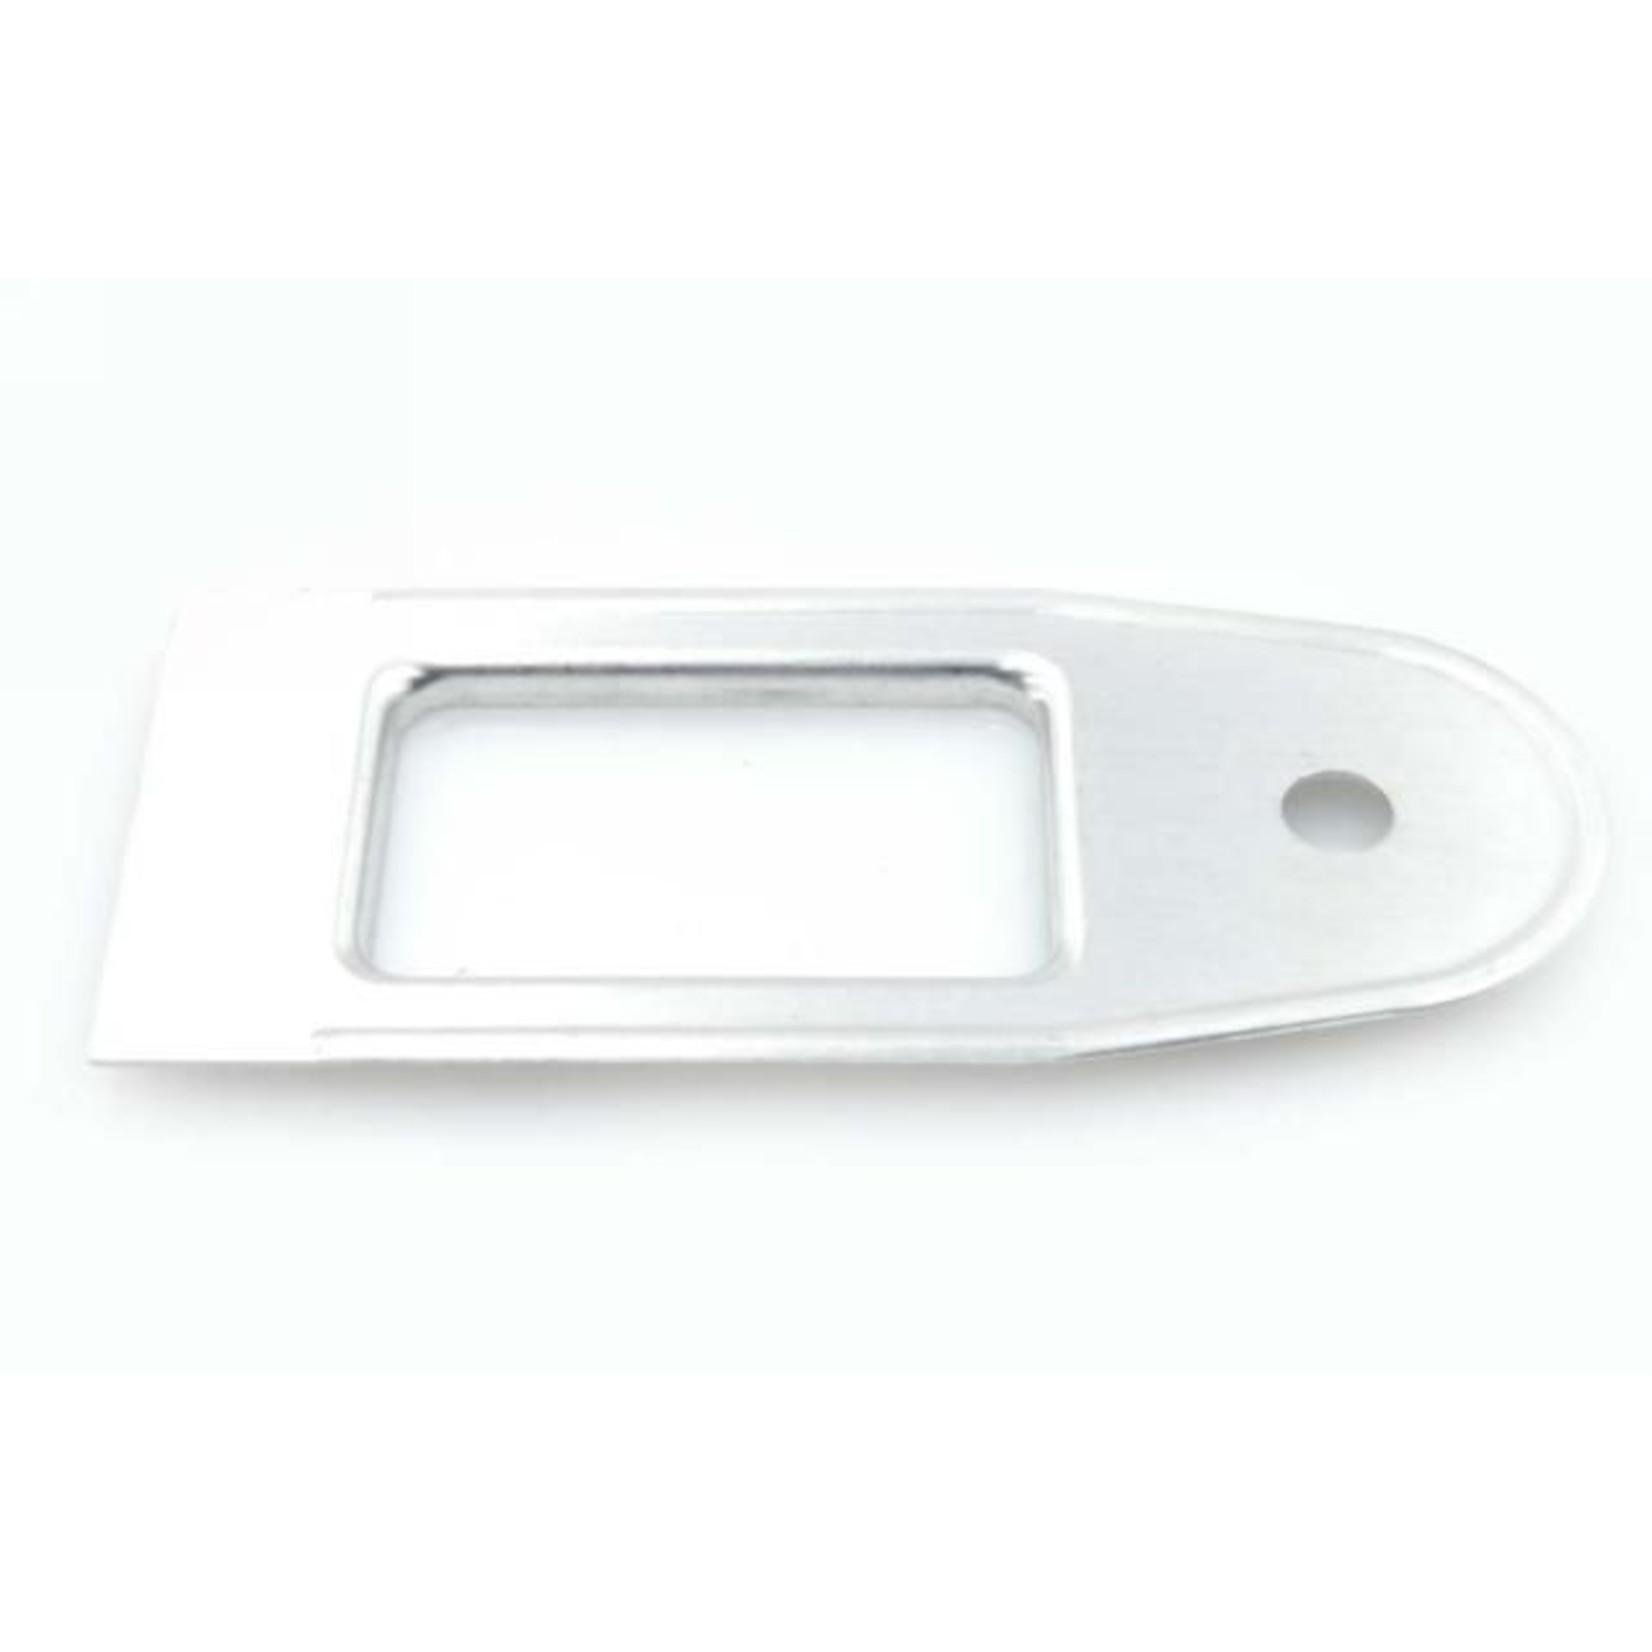 Plaquette passage tirant porte arrière aluminium Nr Org: DS84255B